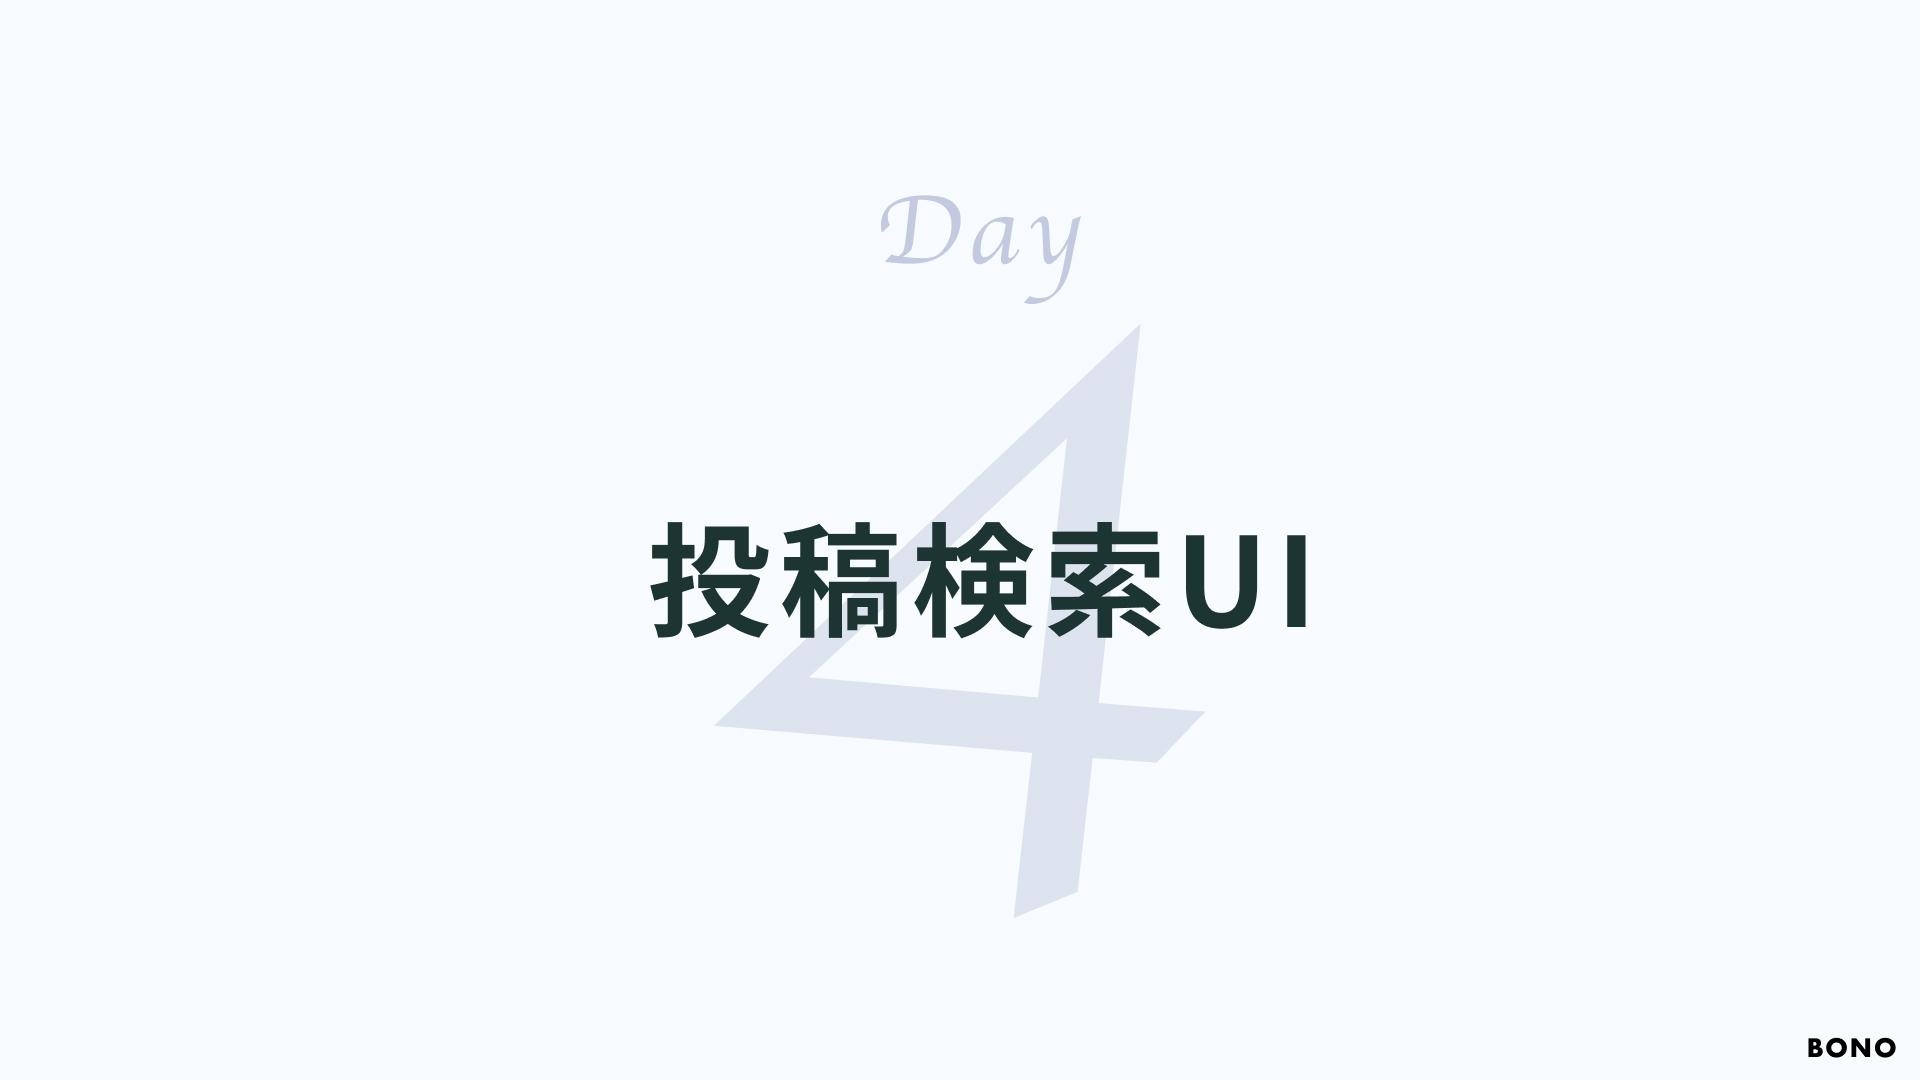 【Daily音声SNS】DAY4-お題